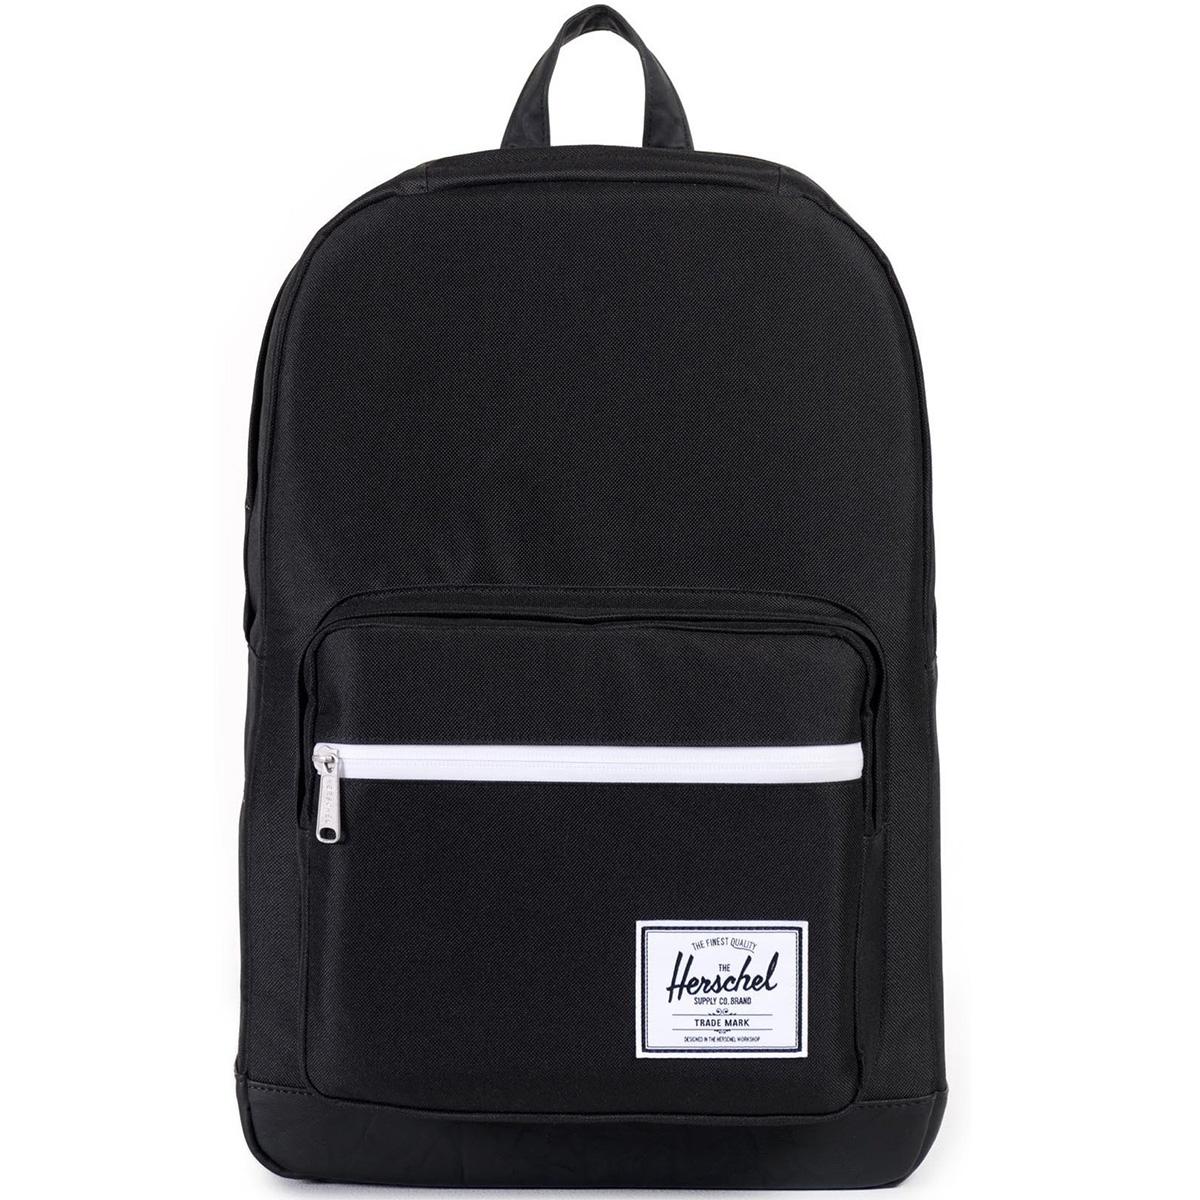 Рюкзак городской Herschel Pop Quiz (A/S), цвет: черный. 82843204333095940-905Рюкзак Herschel Pop Quiz ™ универсальный рюкзак для школы и работы с широким спектром карманов и органайзера.